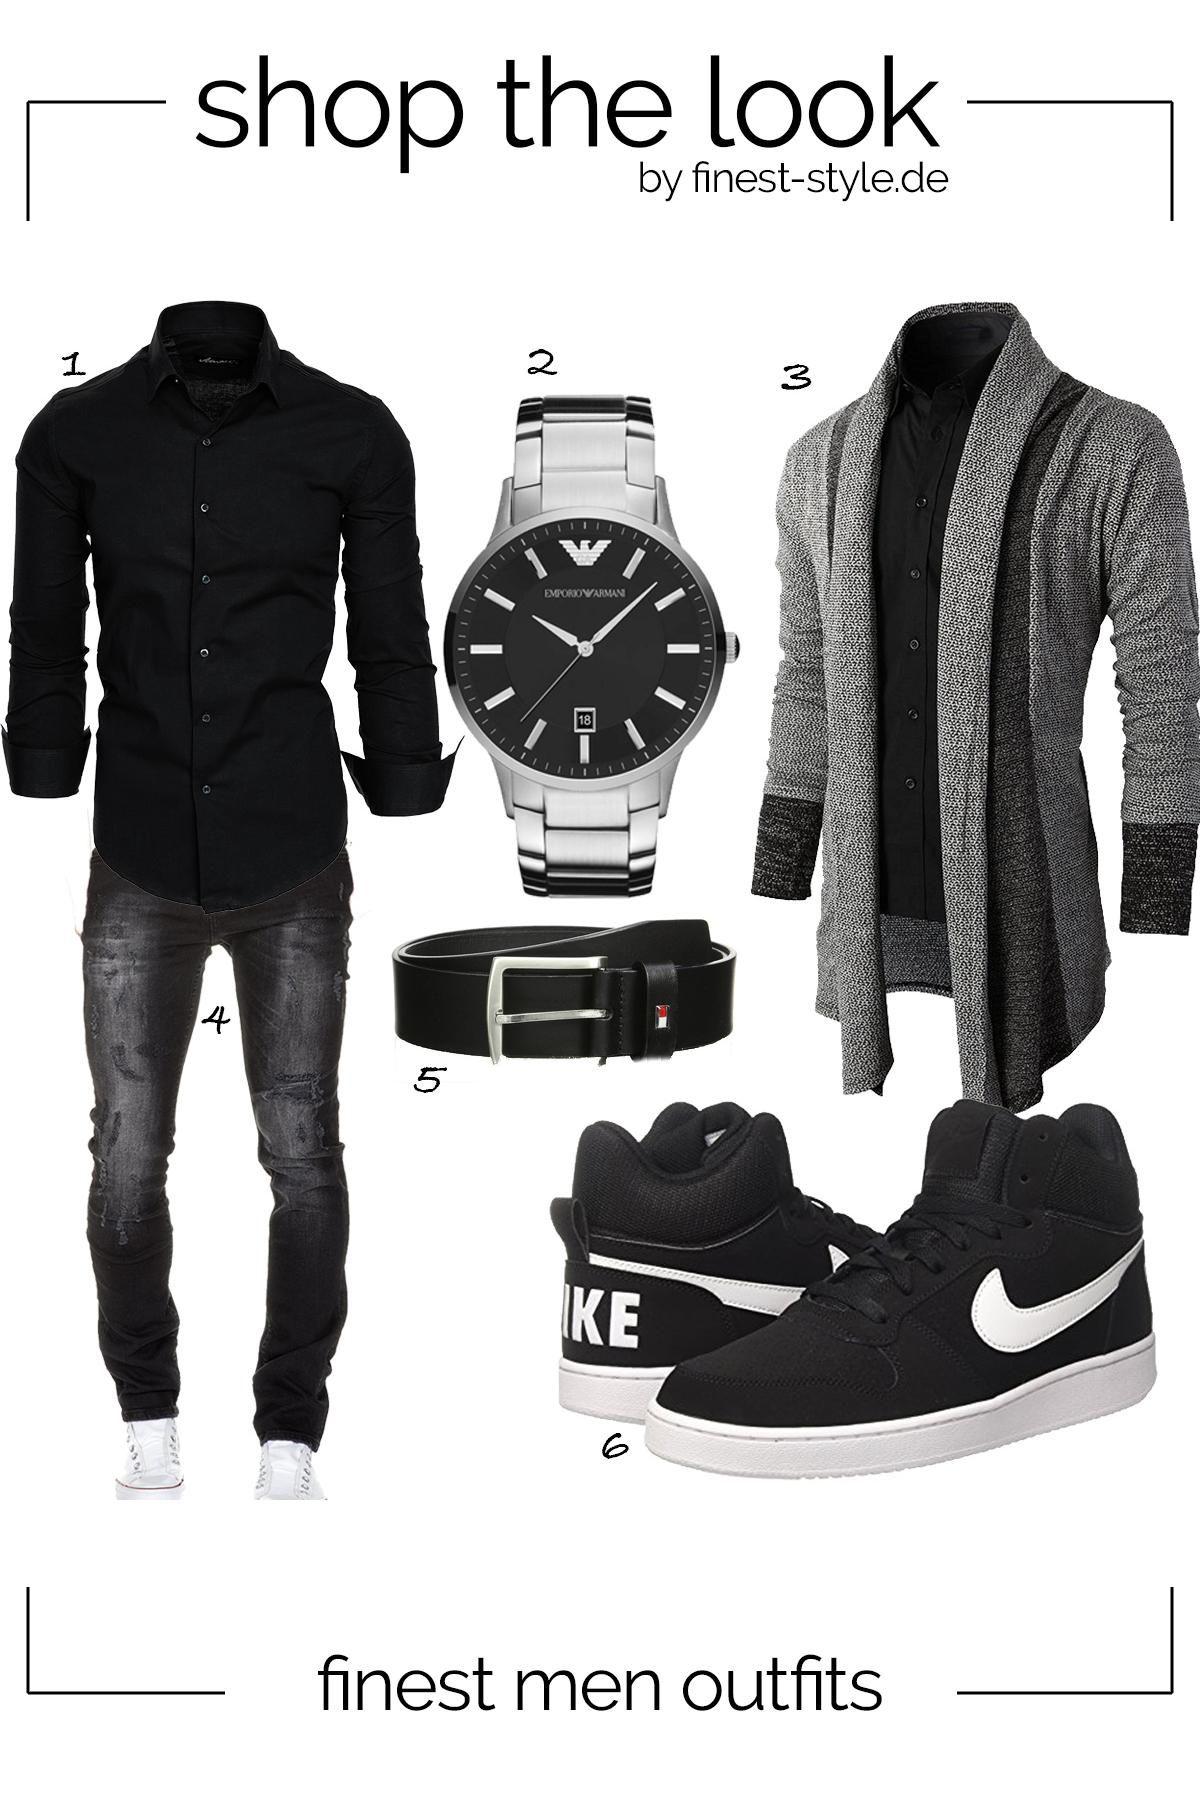 – Men's wear